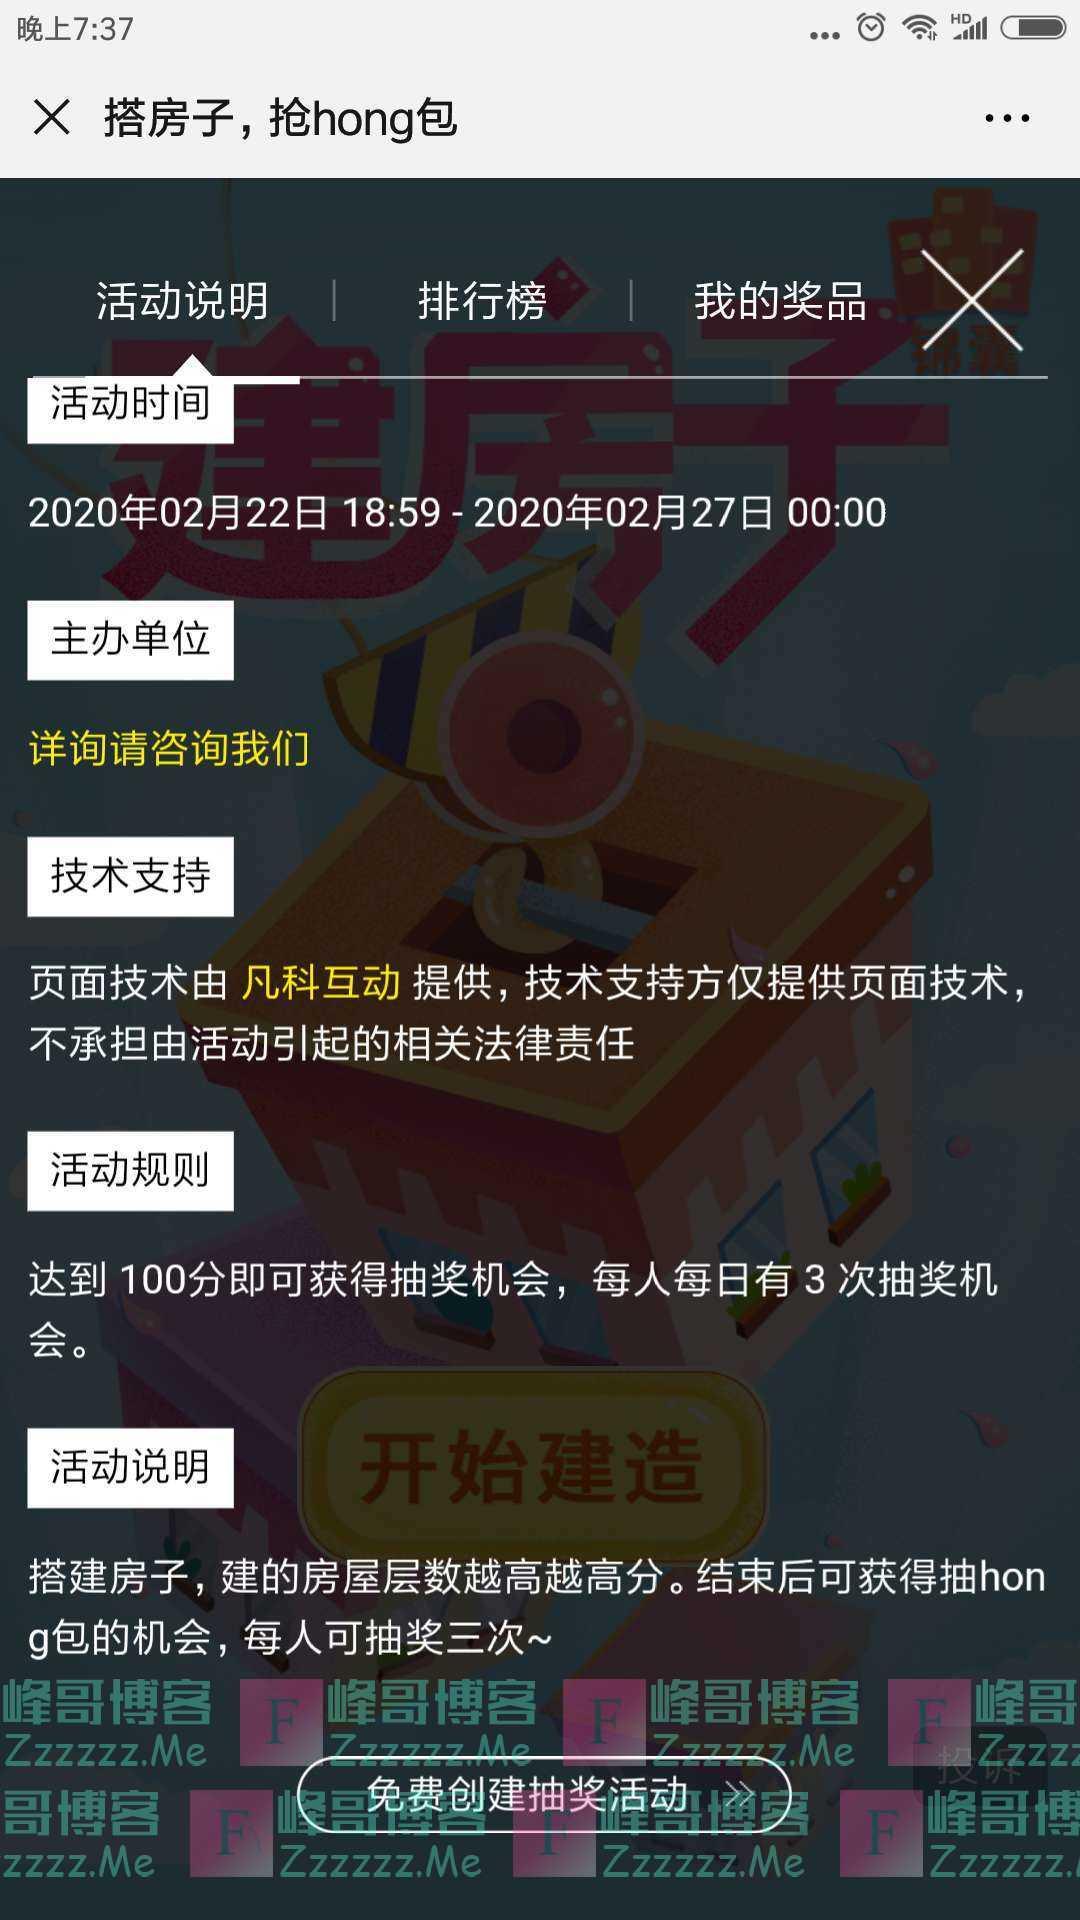 成都招商会为美好生活盖楼,抢现金红包(截止2月27日)